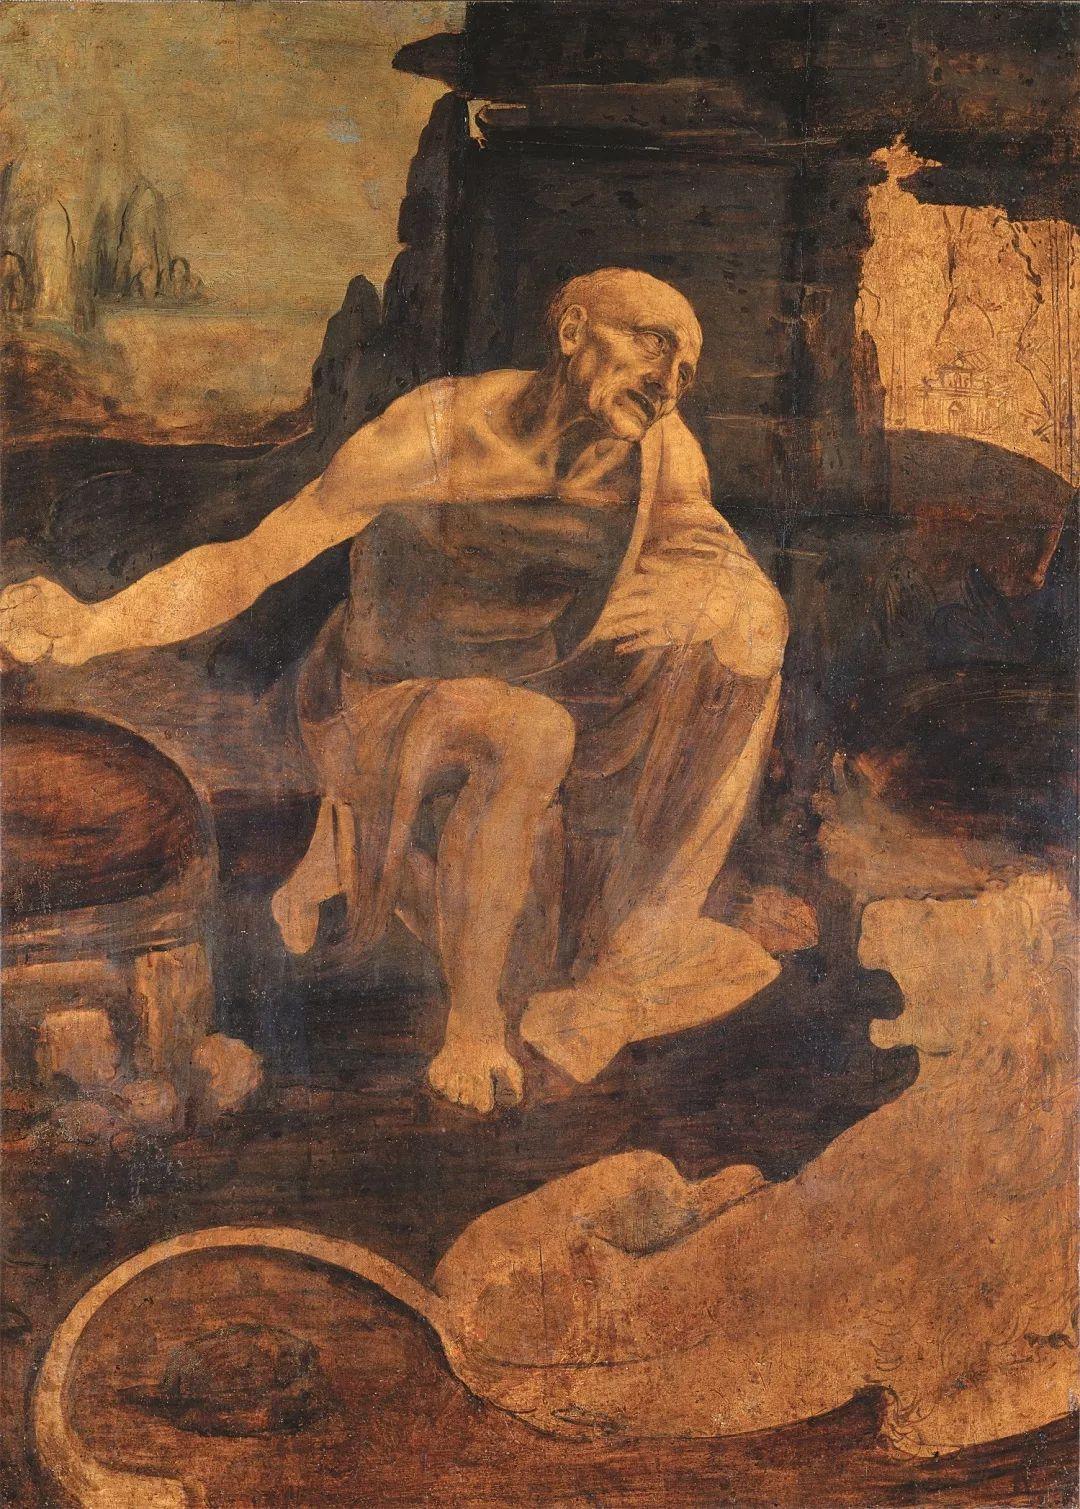 """列奥纳多在绘画上的创新之一是对人物内心世界的把握和传达,他继承和发扬了文艺复兴时期艺术家阿尔贝蒂的训示,即应由内而外构思人物。列奥纳多写道,""""画家要想善于设计人体的姿势和手势,有必要了解肌腱、骨骼和肌肉的解剖学""""。这一点在圣杰罗姆身上表现得尤为突出,他扭曲的身体和痛苦的跪姿传达出内心的宗教热忱。但是,这幅手稿有一处令人疑惑不解的解剖学细节。"""